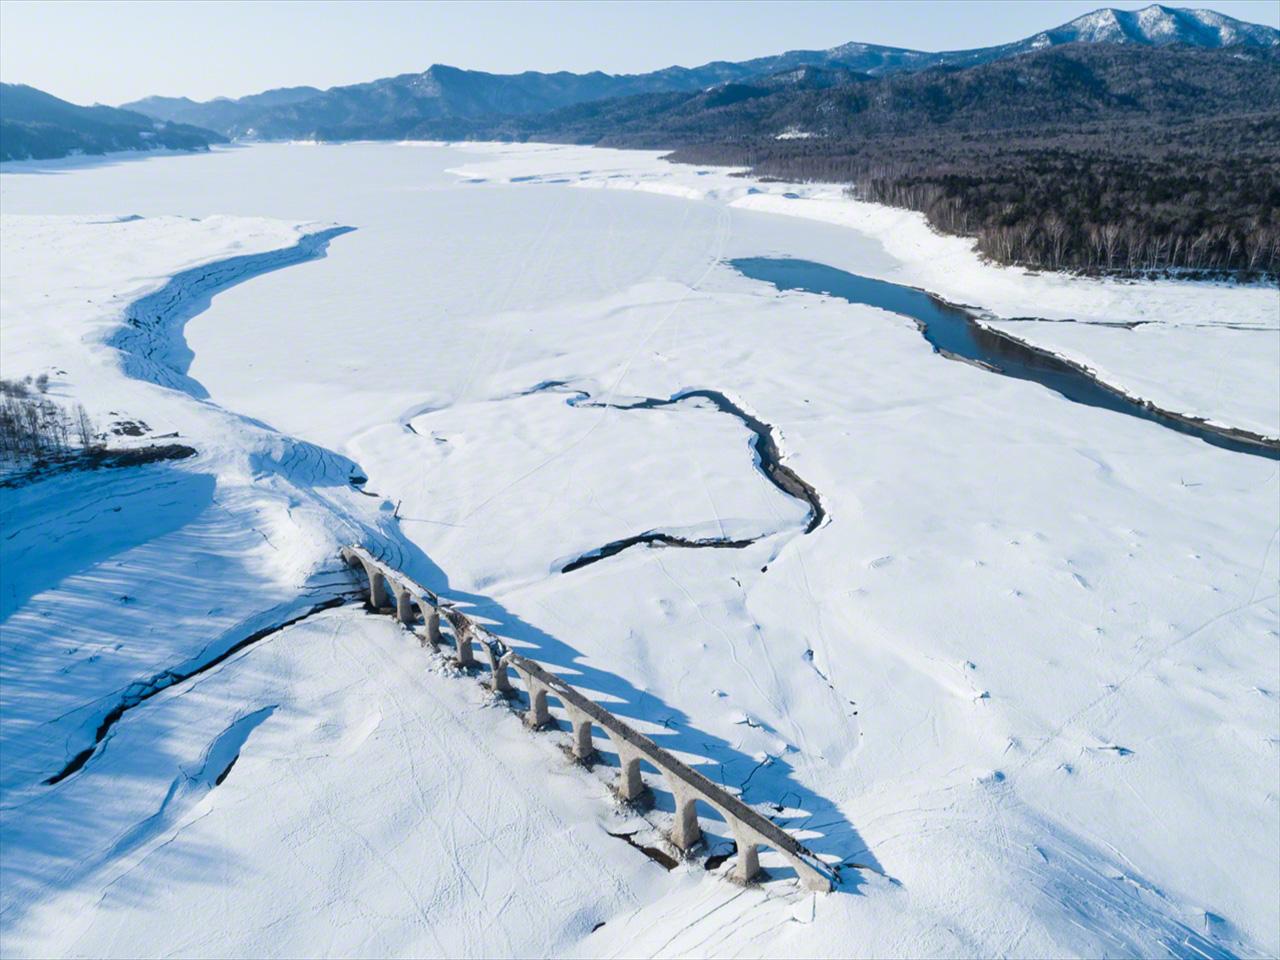 Marzo. El río Otofuke fluye desde la derecha y desemboca en el lago Nukabira congelado, que se extiende al fondo de la imagen.